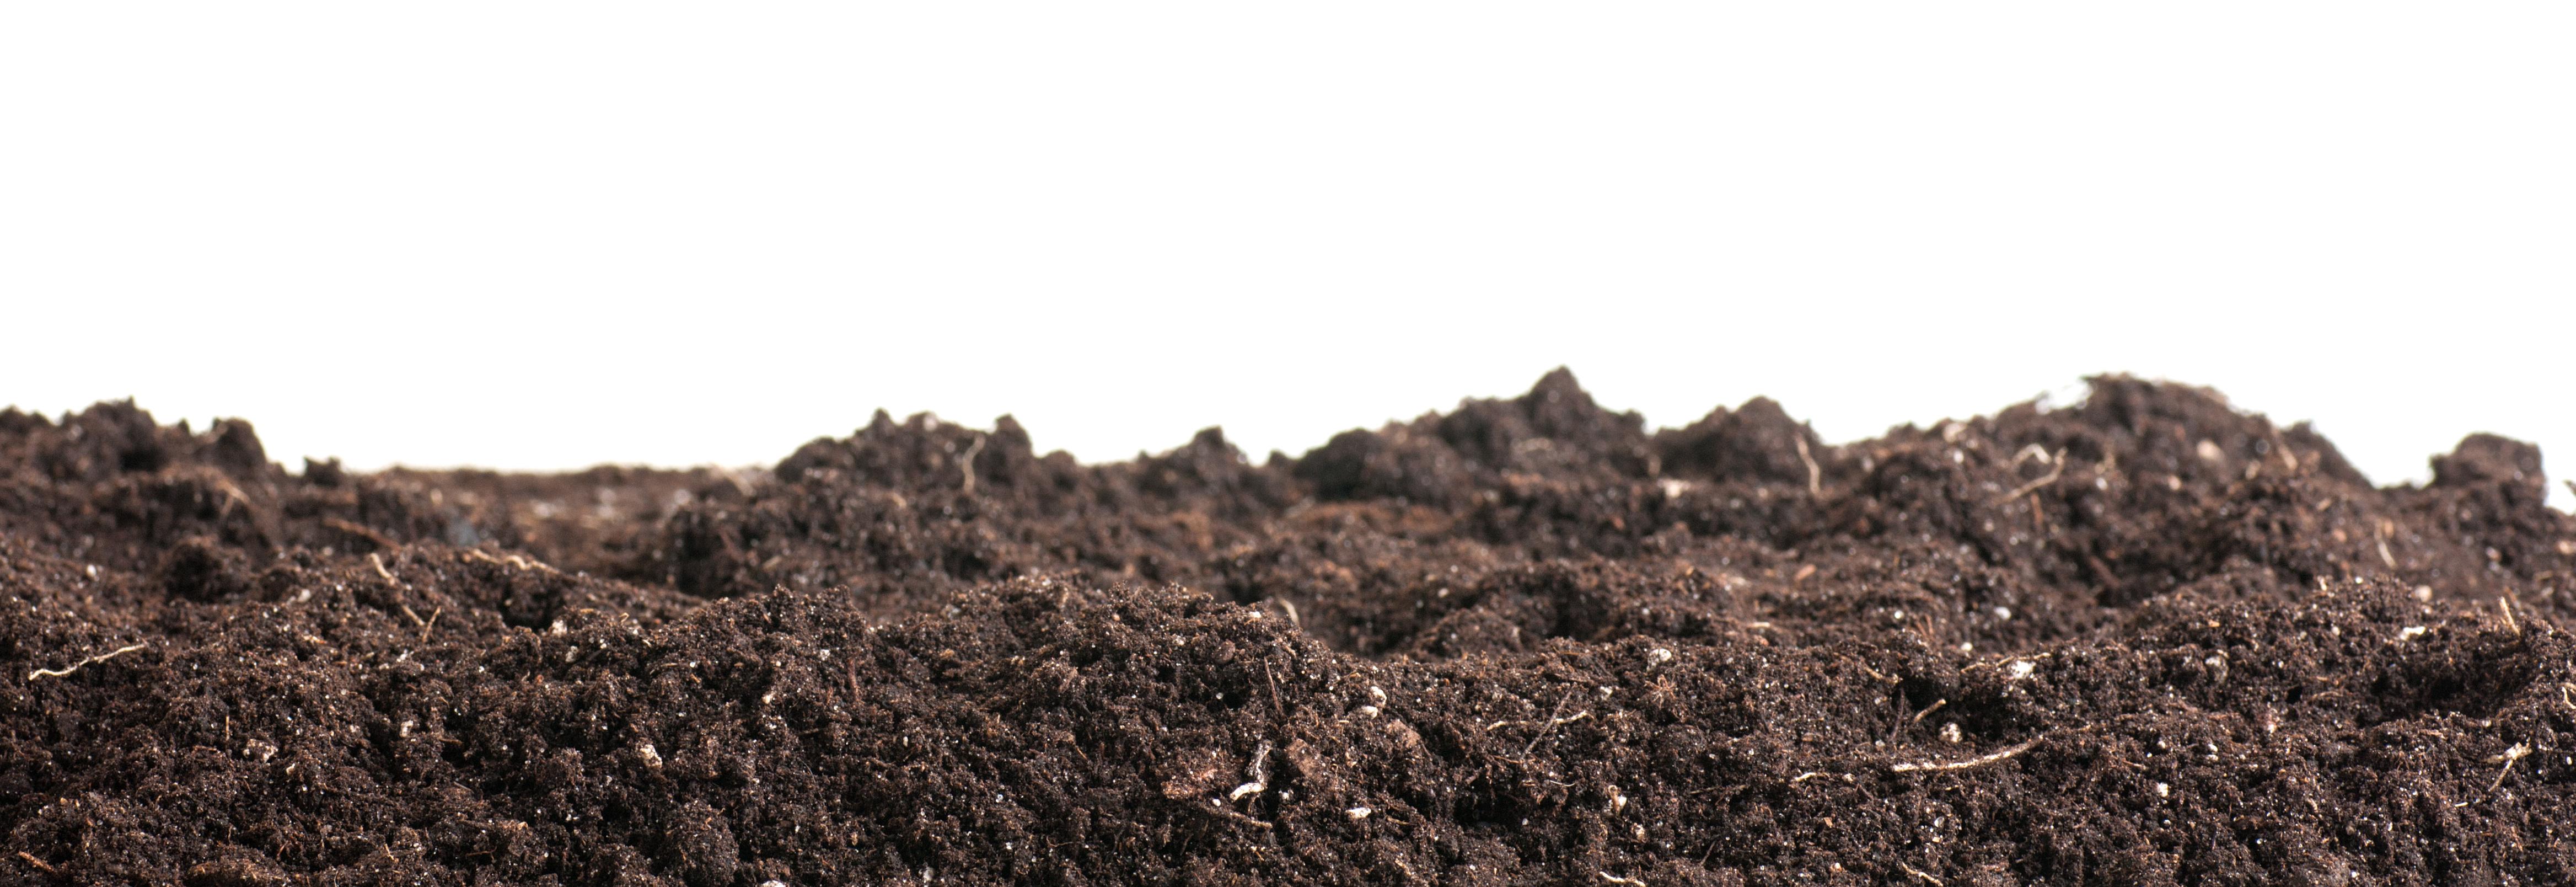 Tip 11: Start home composting